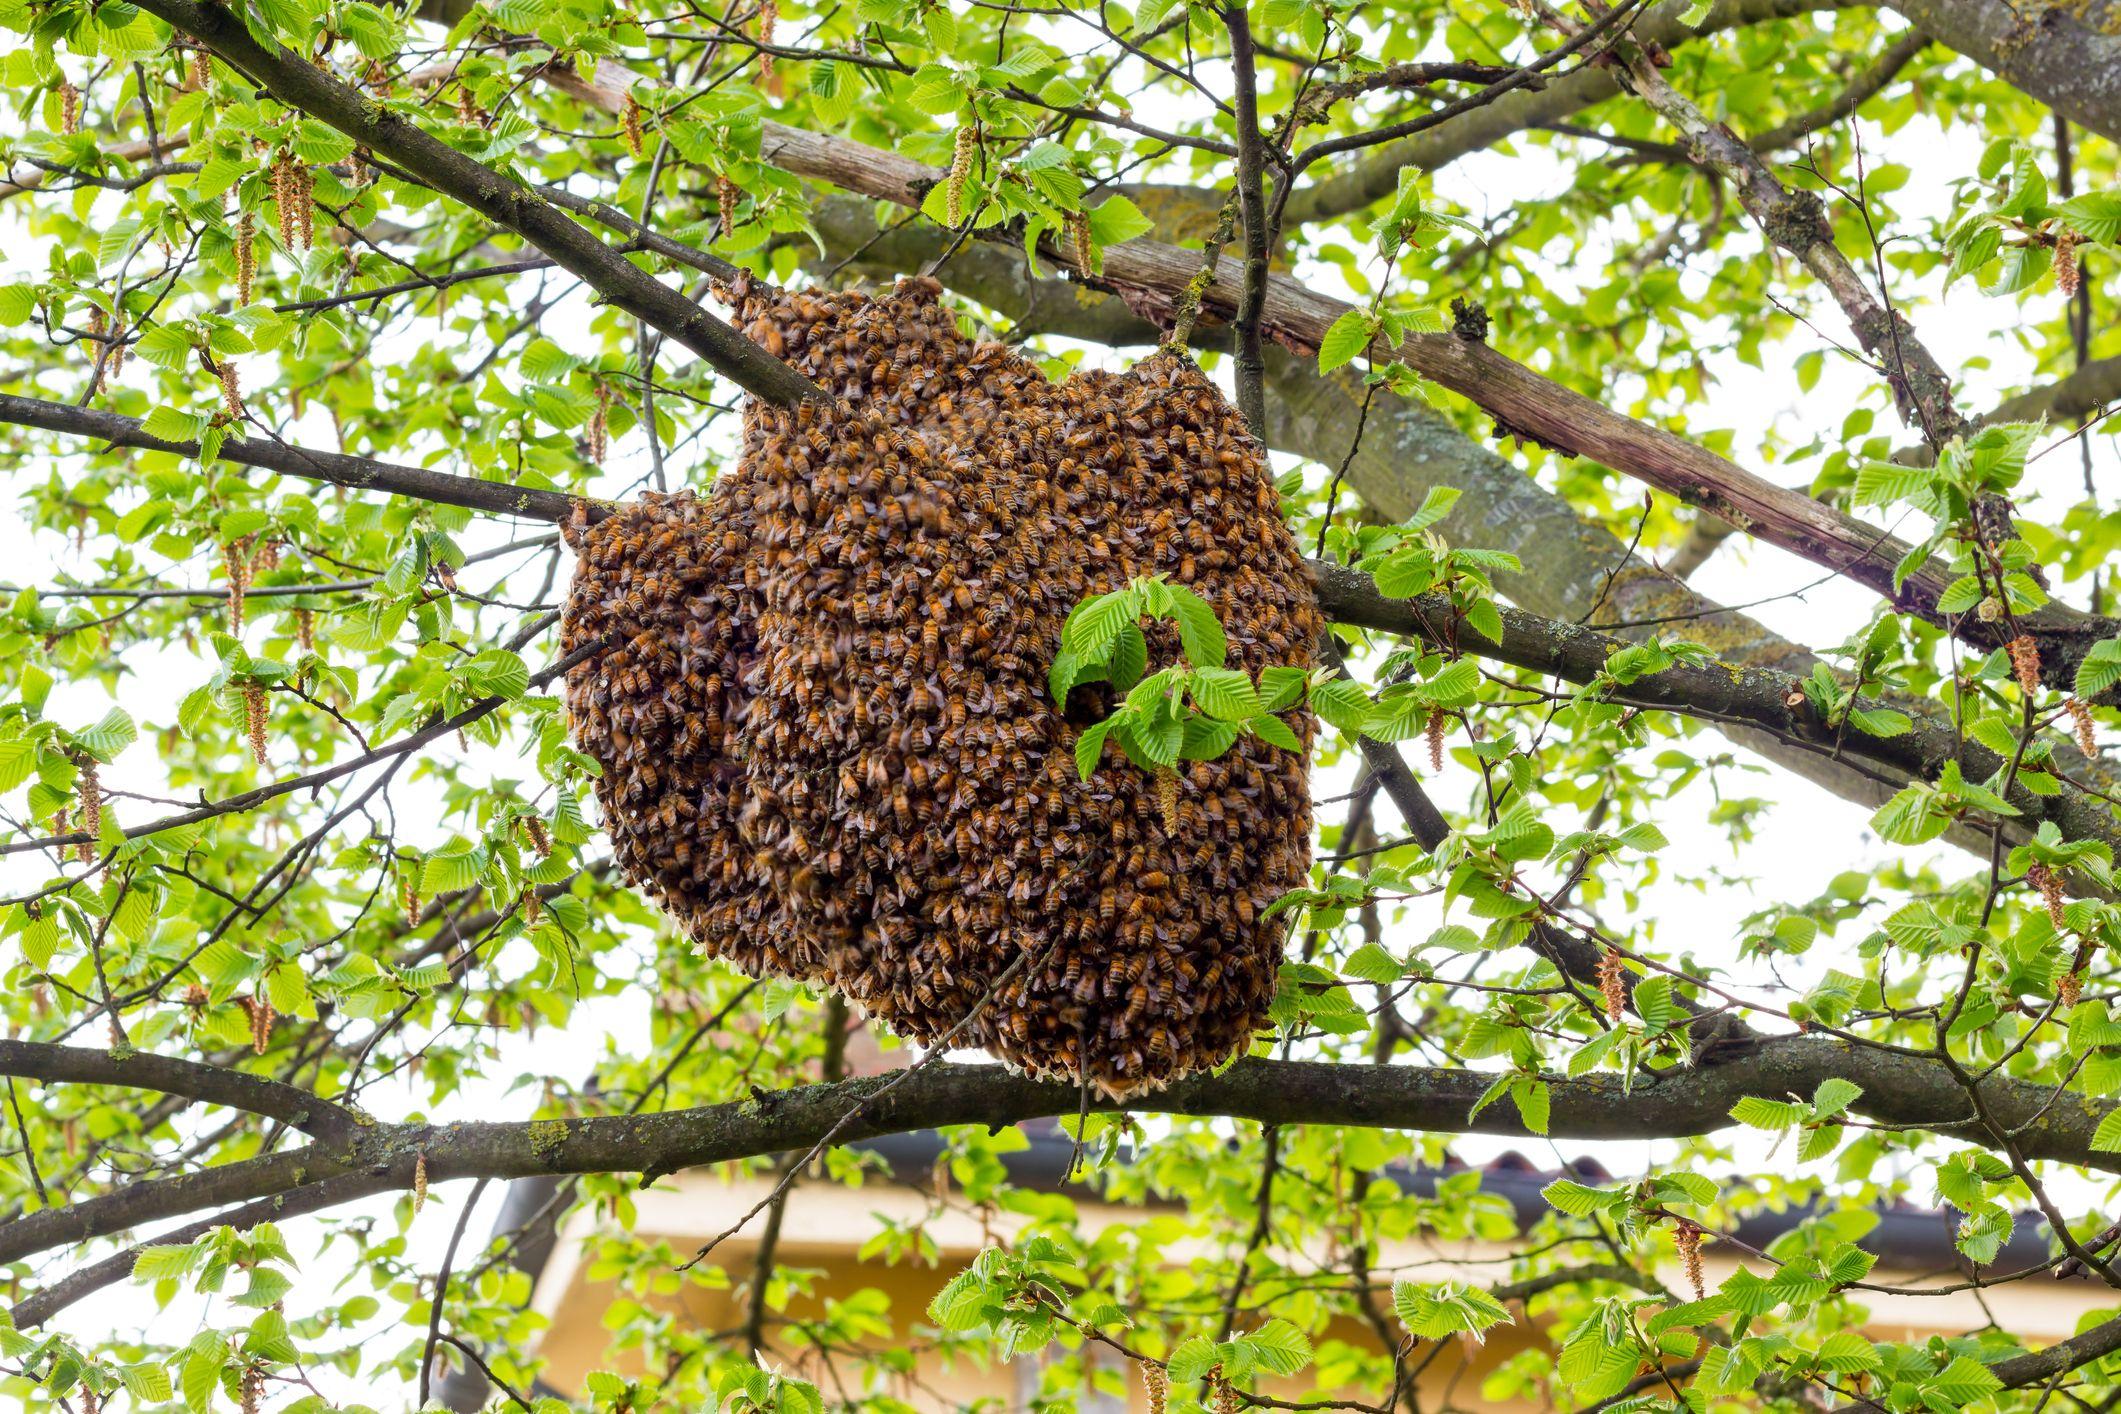 """Avvistati diversi casi di sciami di api nella zona di Collelongo, l'assessore Venettacci """"Non ucciderle, chiamare i Vigili del Fuoco"""""""